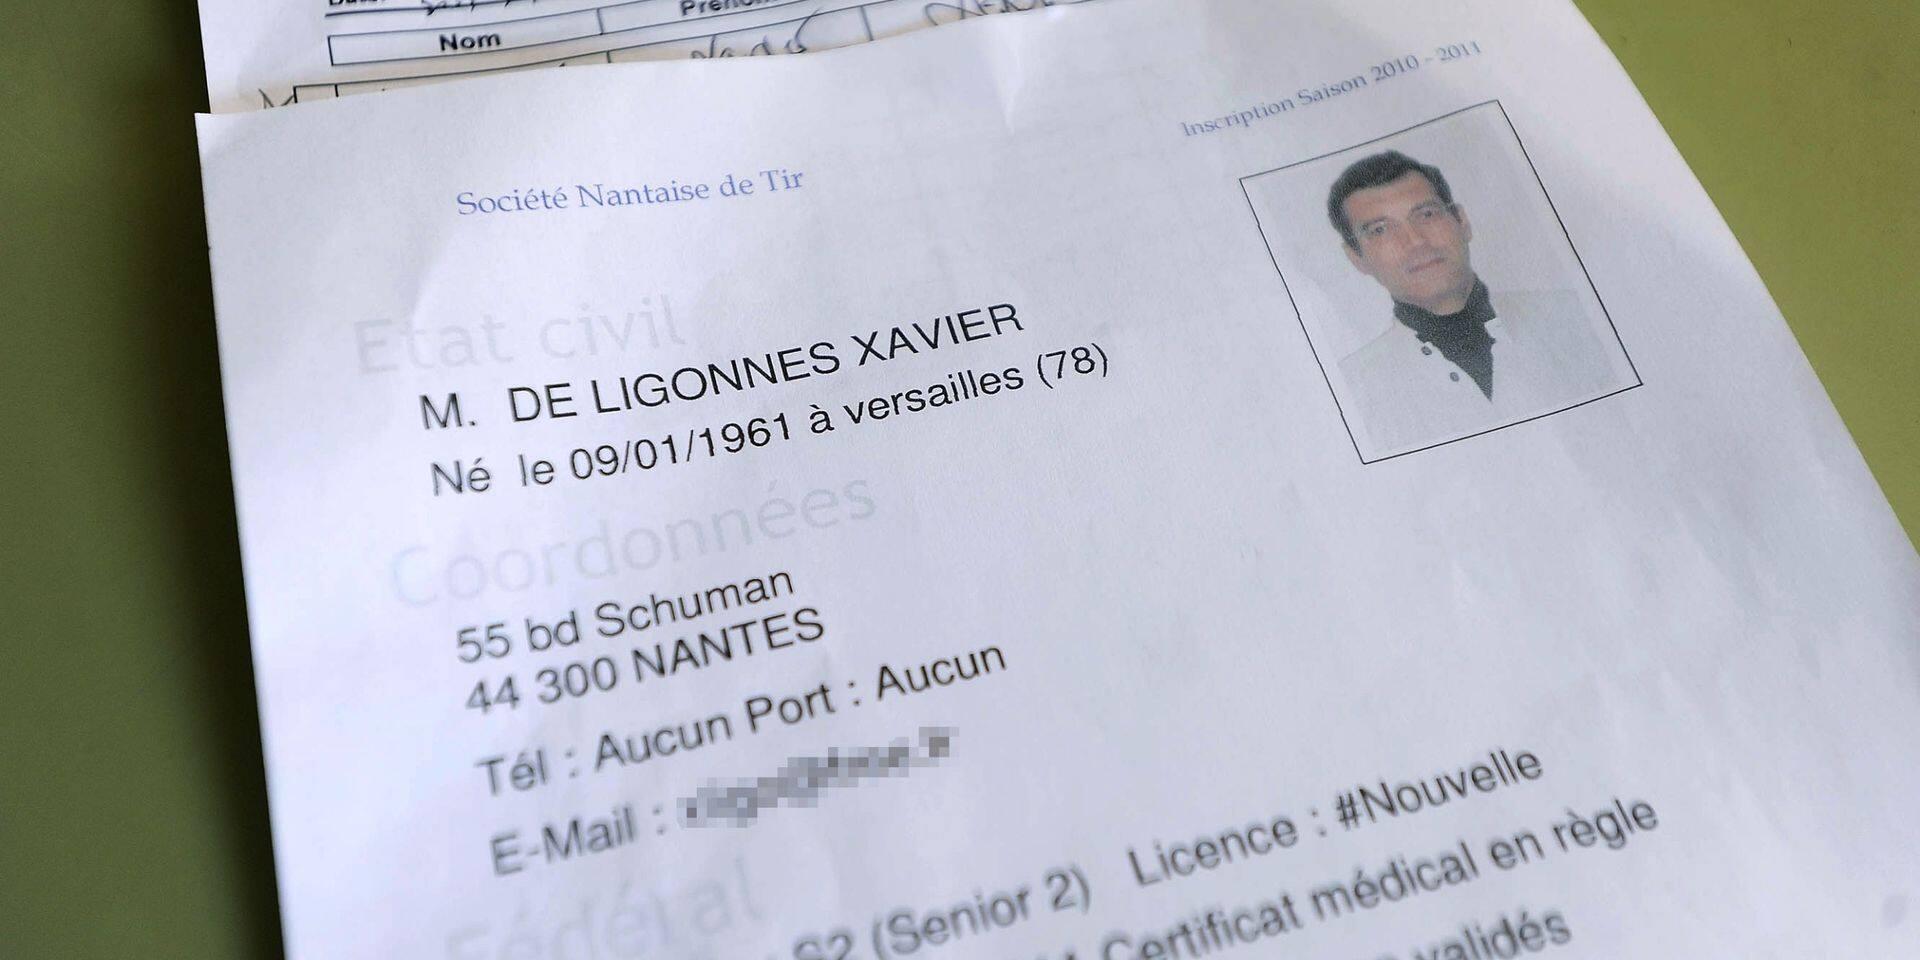 Affaire Dupont de Ligonnès: Le Parisien présente ses excuses